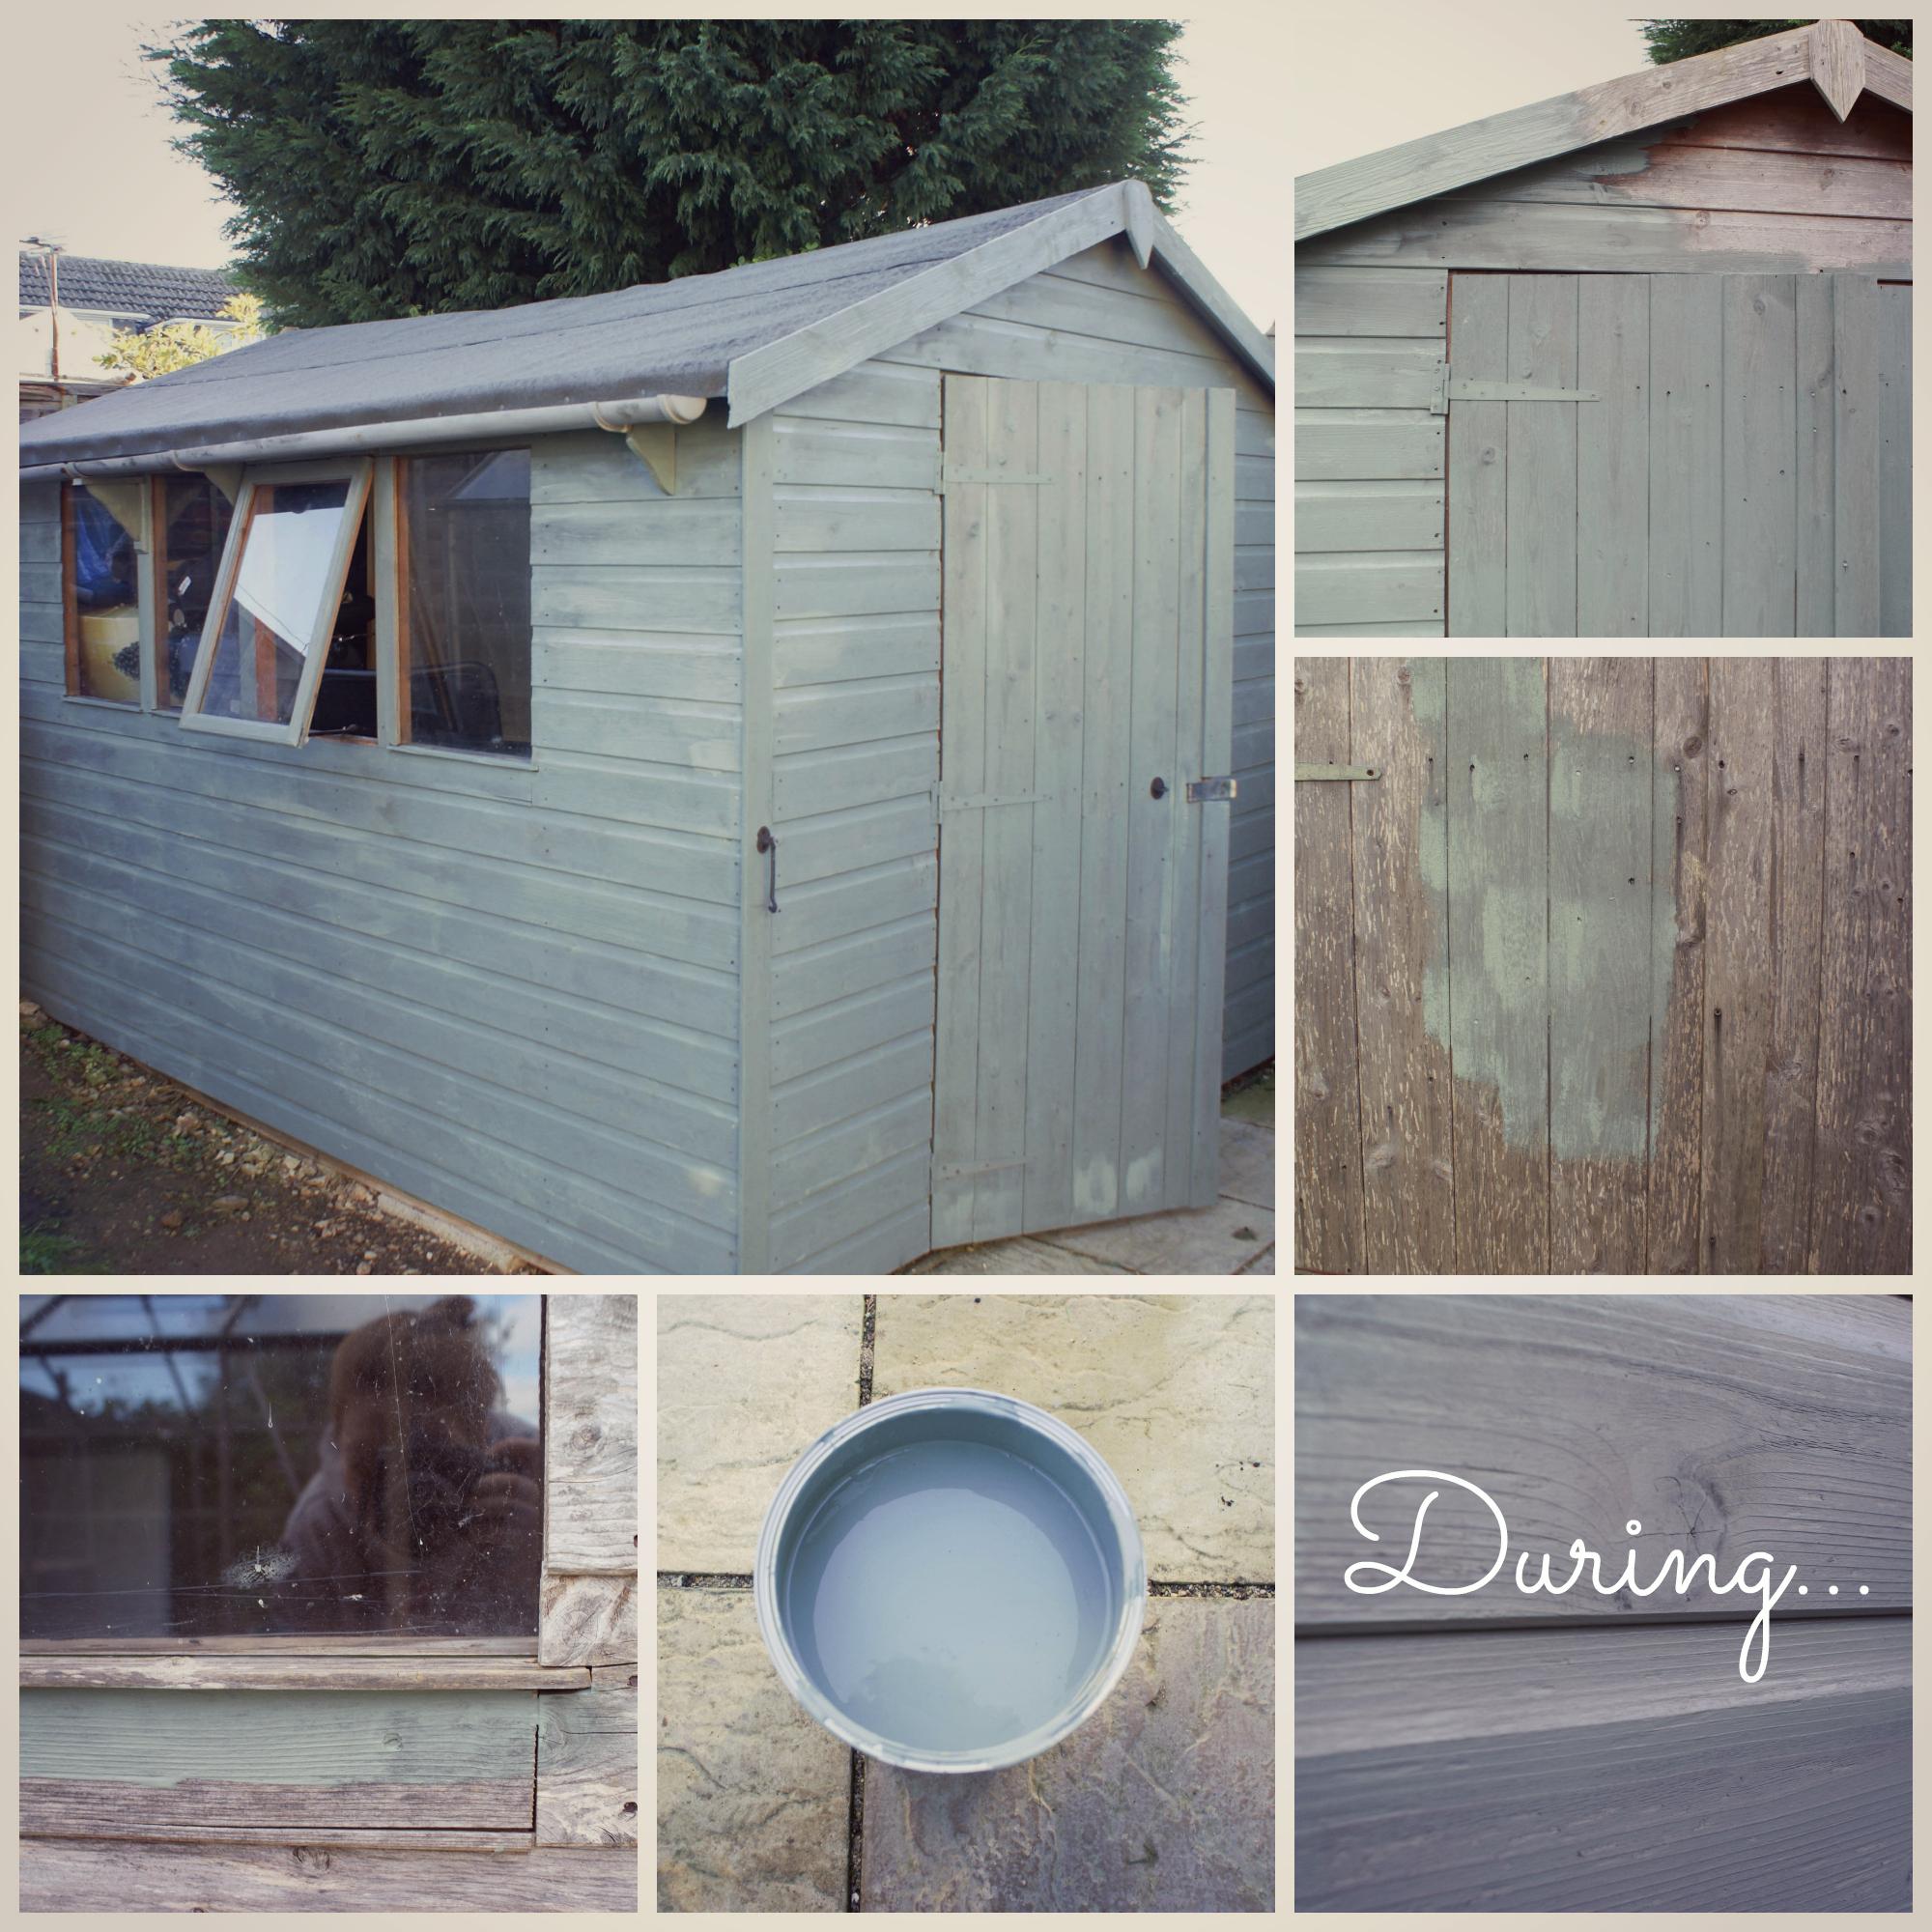 quelle lasure pour abri de jardin abri de jardin et balancoire id e. Black Bedroom Furniture Sets. Home Design Ideas